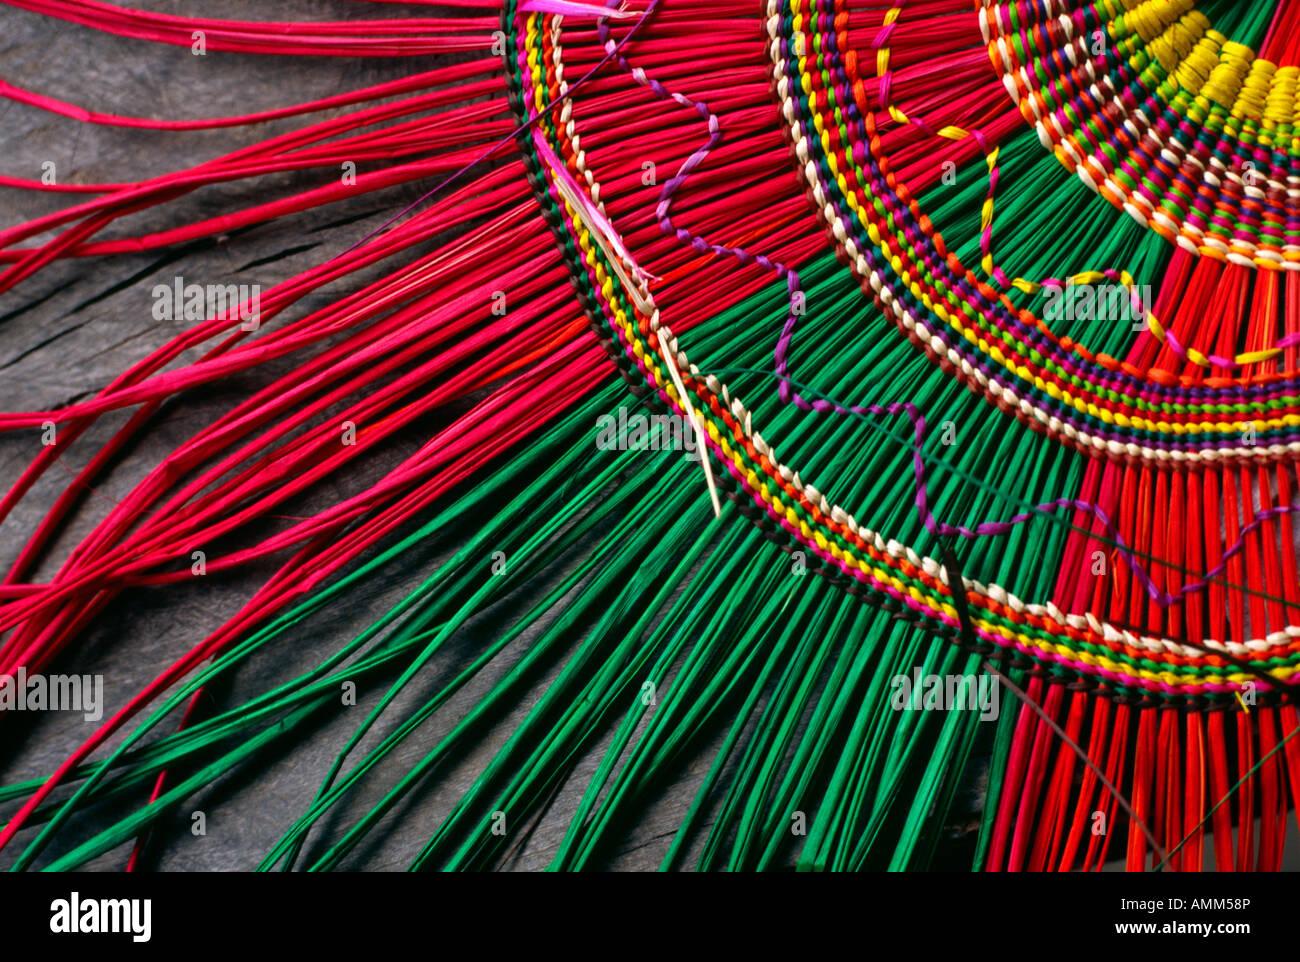 Roseaux sont colorés et tissés pour créer un réseau complexe de ventilateur dans un projet communautaire Photo Stock